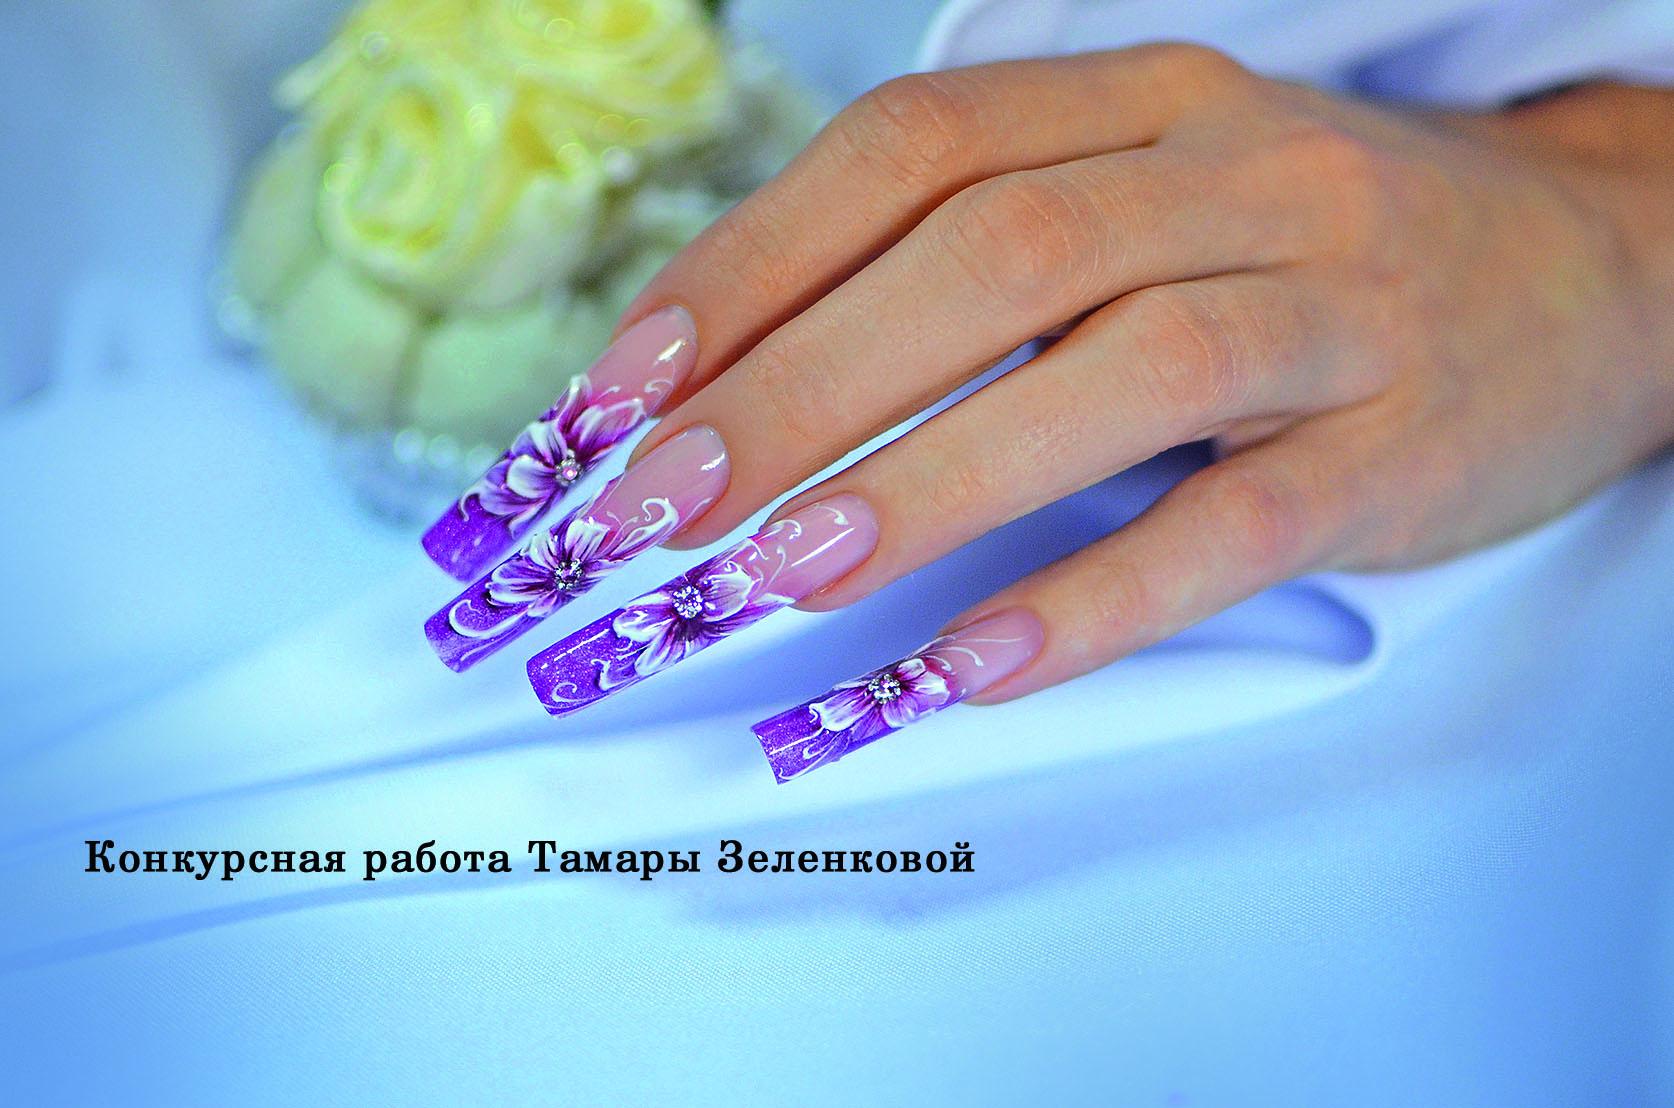 Конкурс журнала «Индустрия красоты» для специалистов ногтевого сервиса «Смелая кисть. Осень-2014»